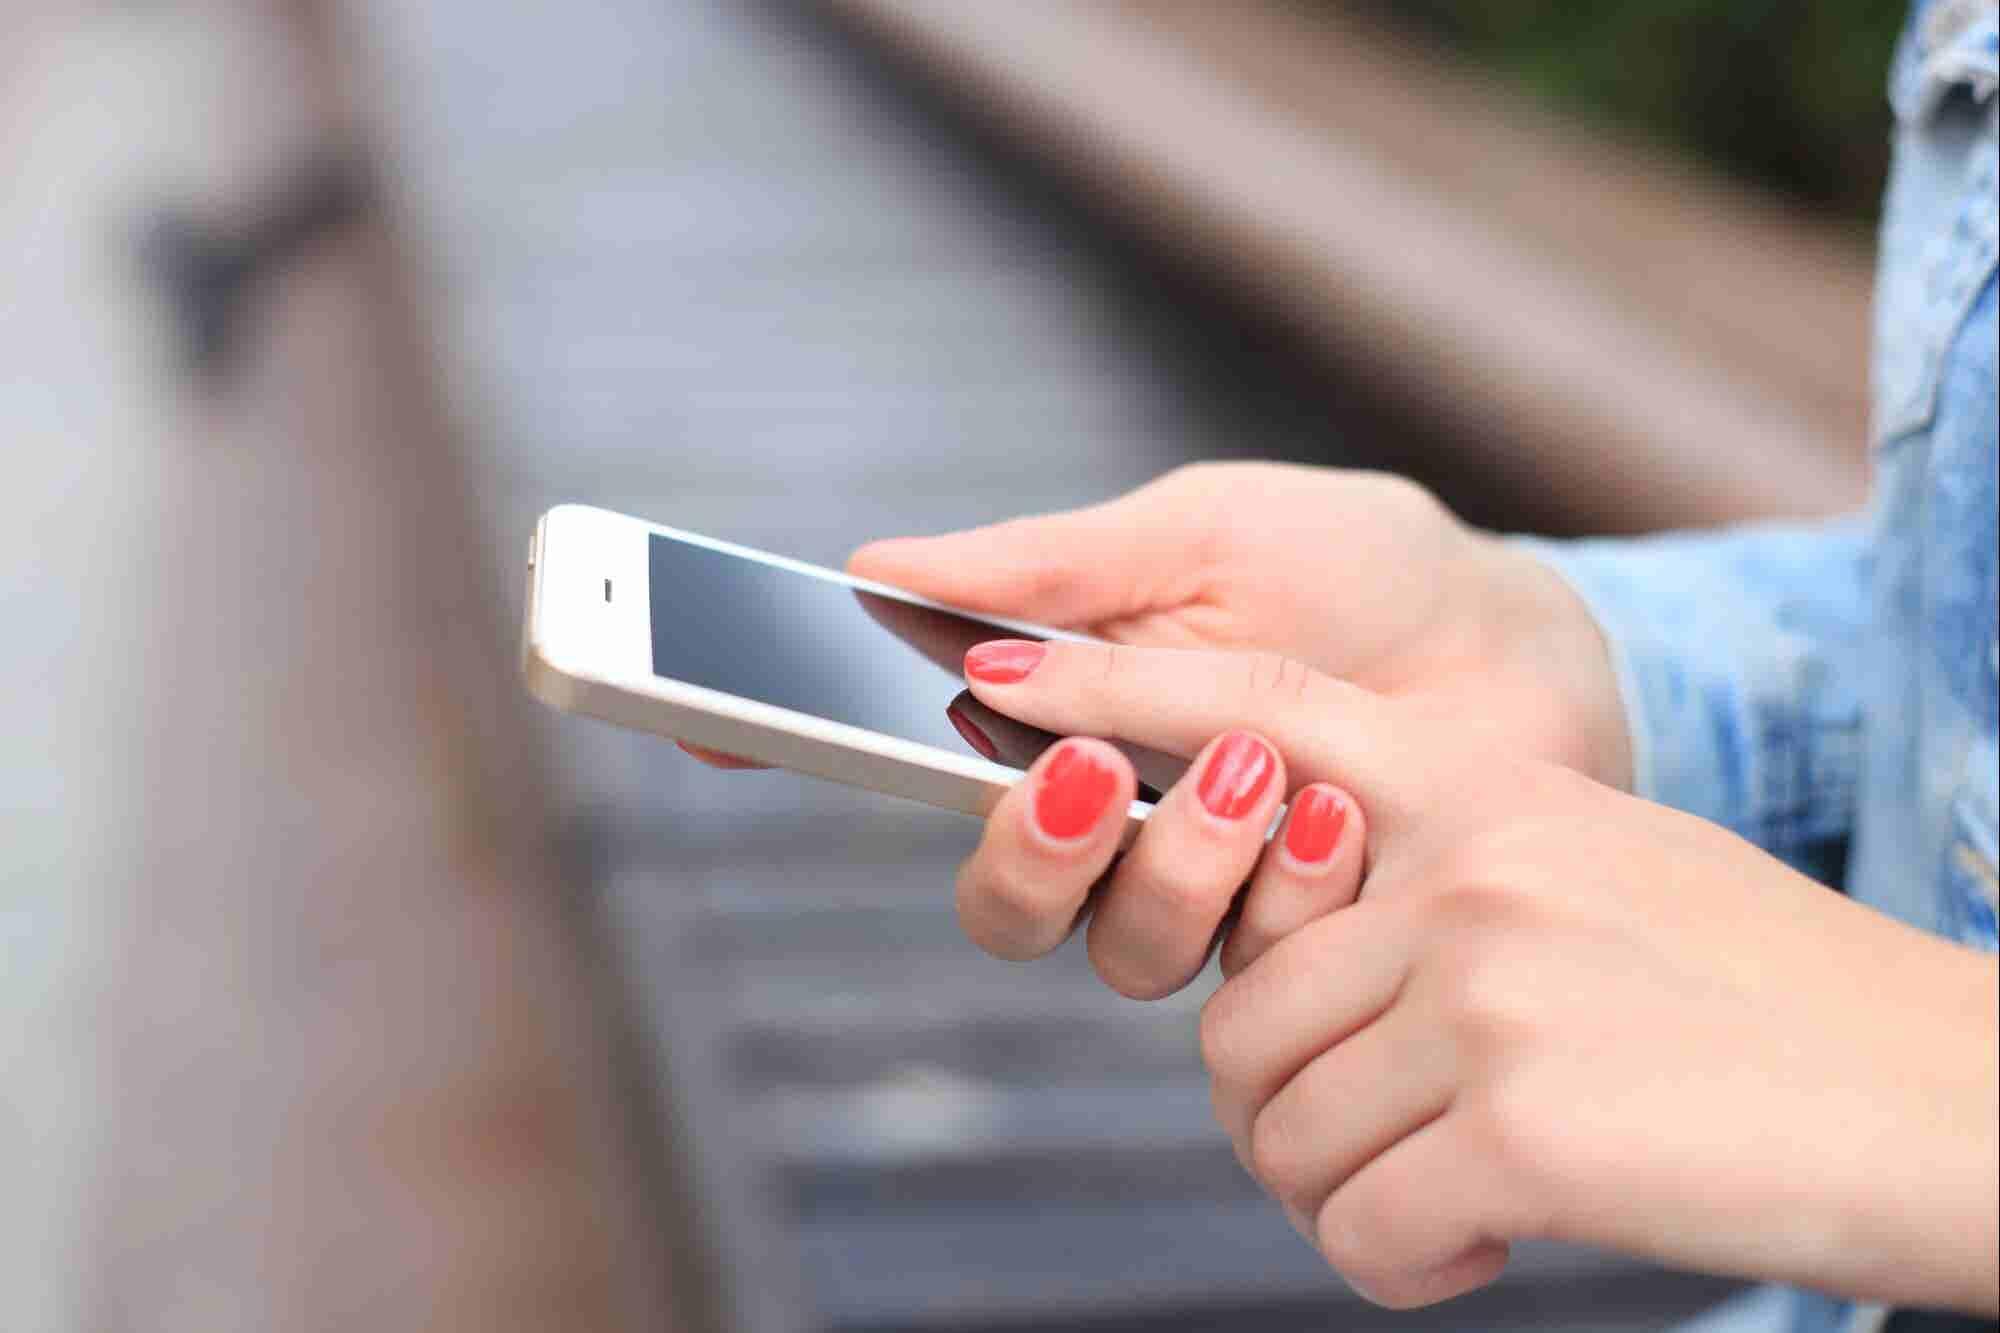 Albo, la app que te deja manejar tu dinero sin bancos, levantó más de siete millones de dólares